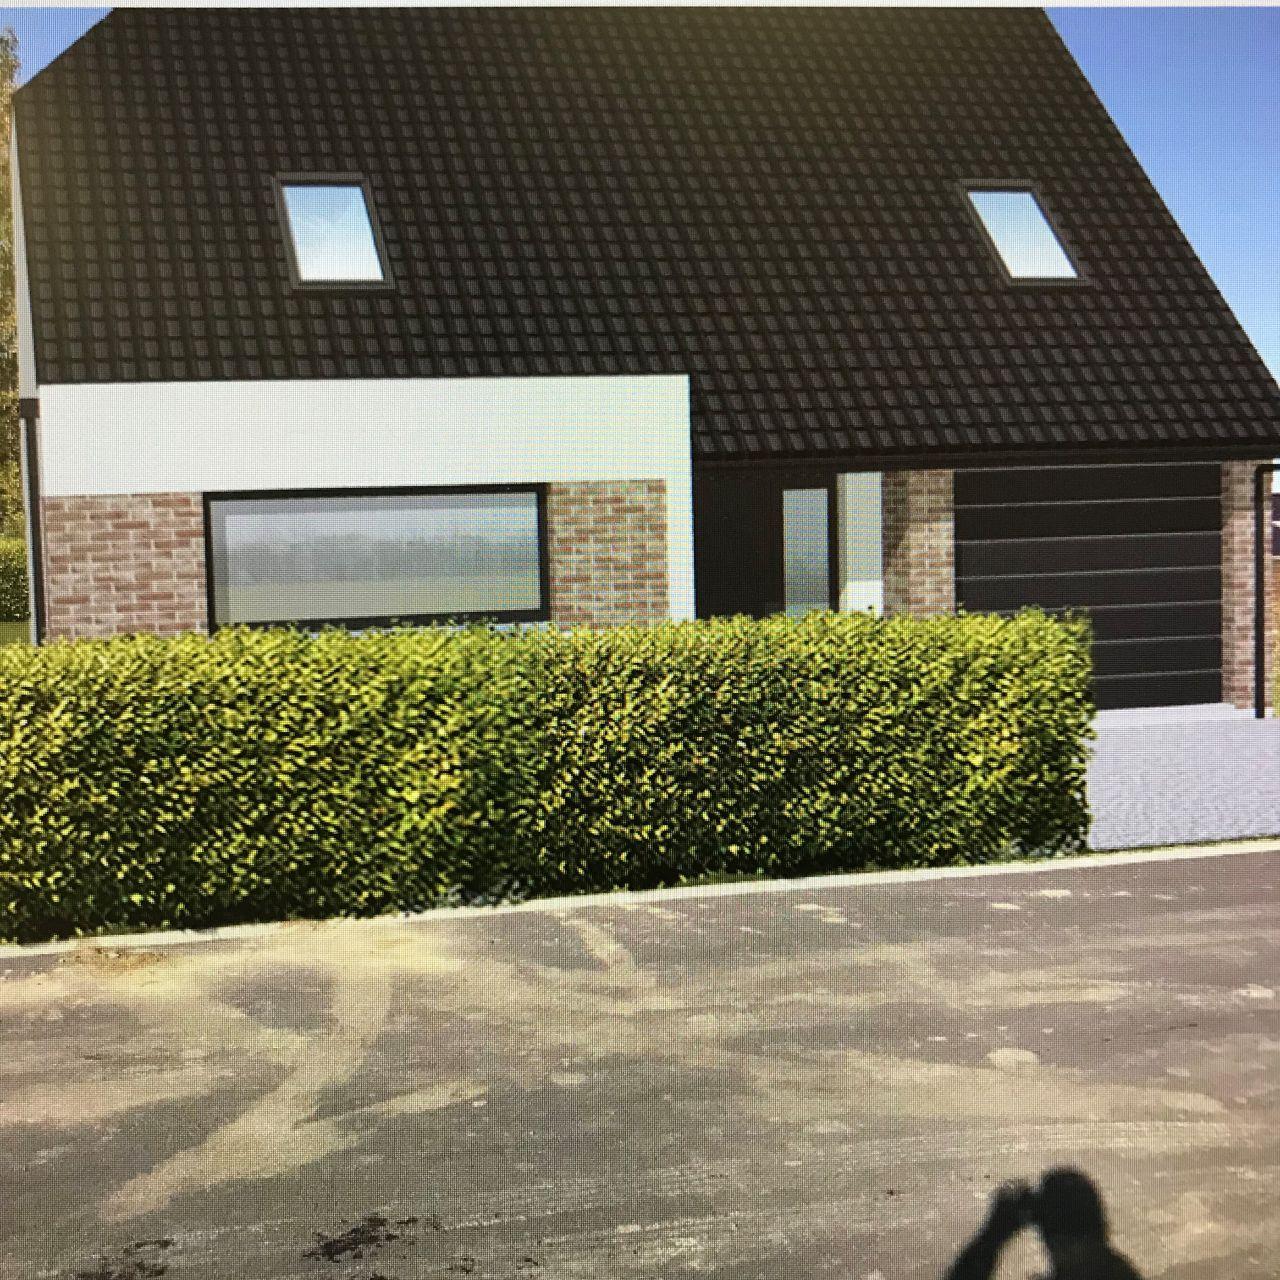 Visuel avec implantation terrain (obligation de passer par une croupe sur la toiture pour validation du permis de construire, règle urbanisme du H/2)